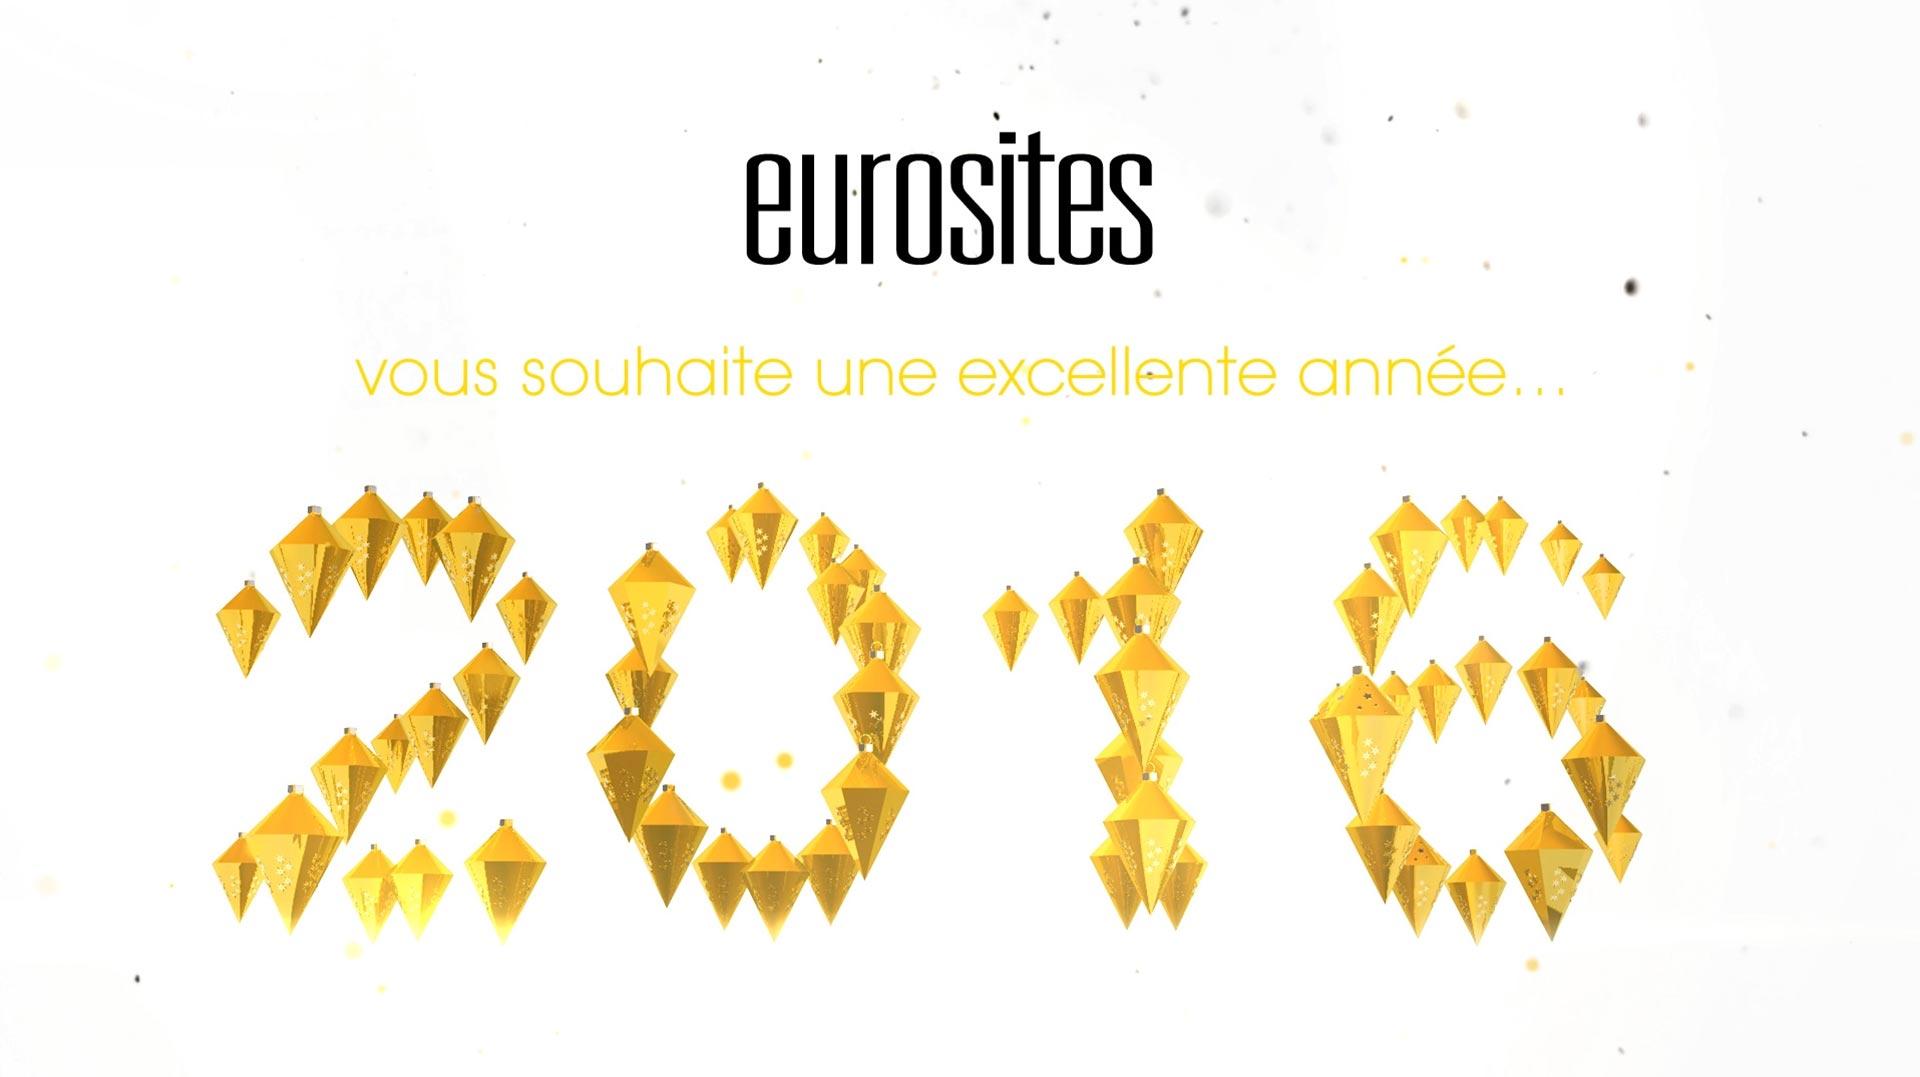 VOEUX EUROSITE